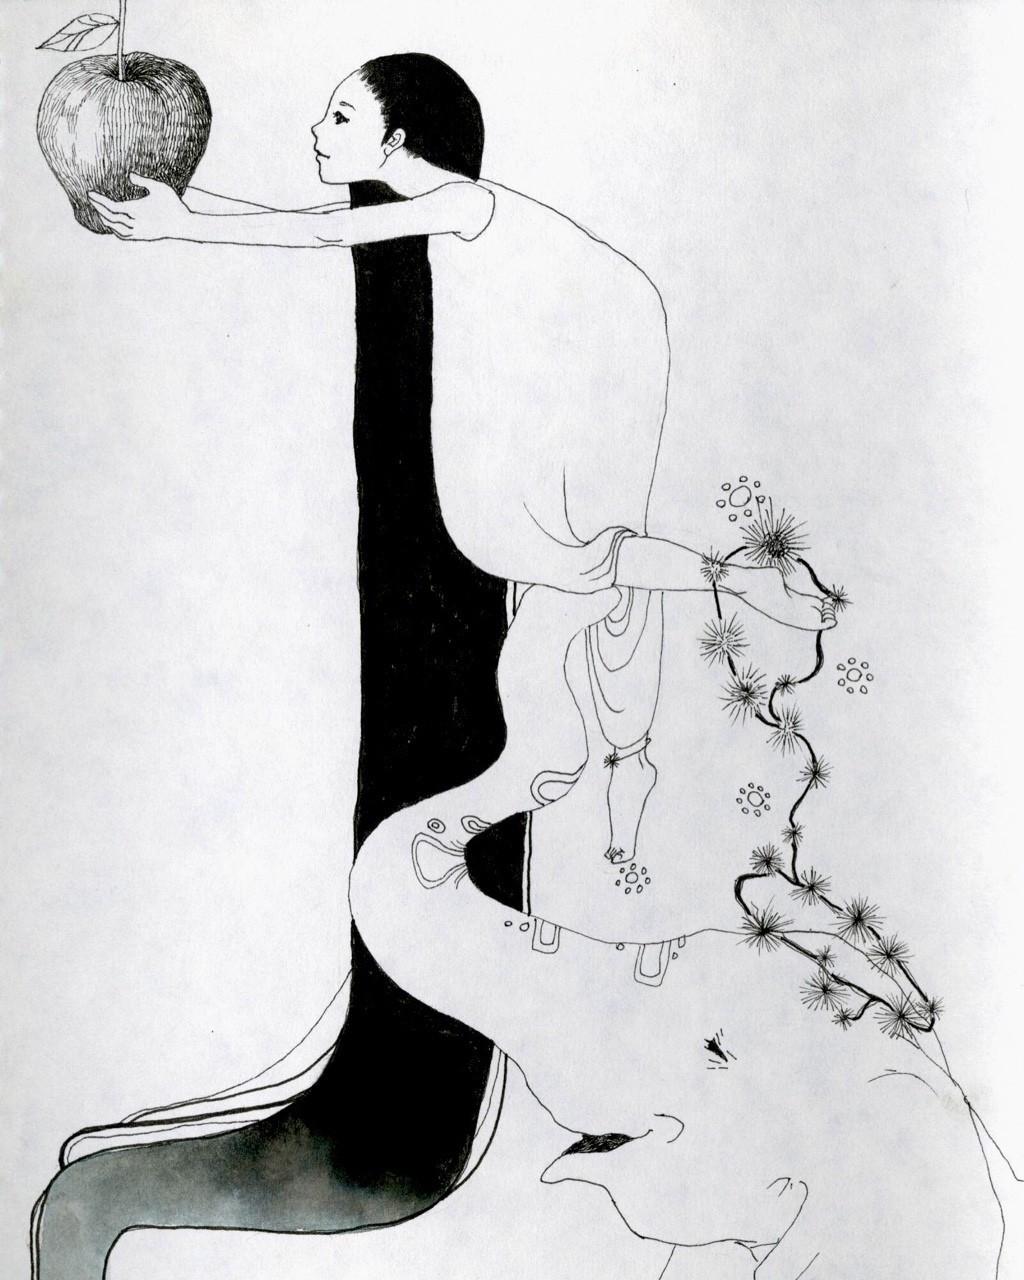 女の子とゾウさんの組み合わせはとても好き #イラスト #絵 #ペン画